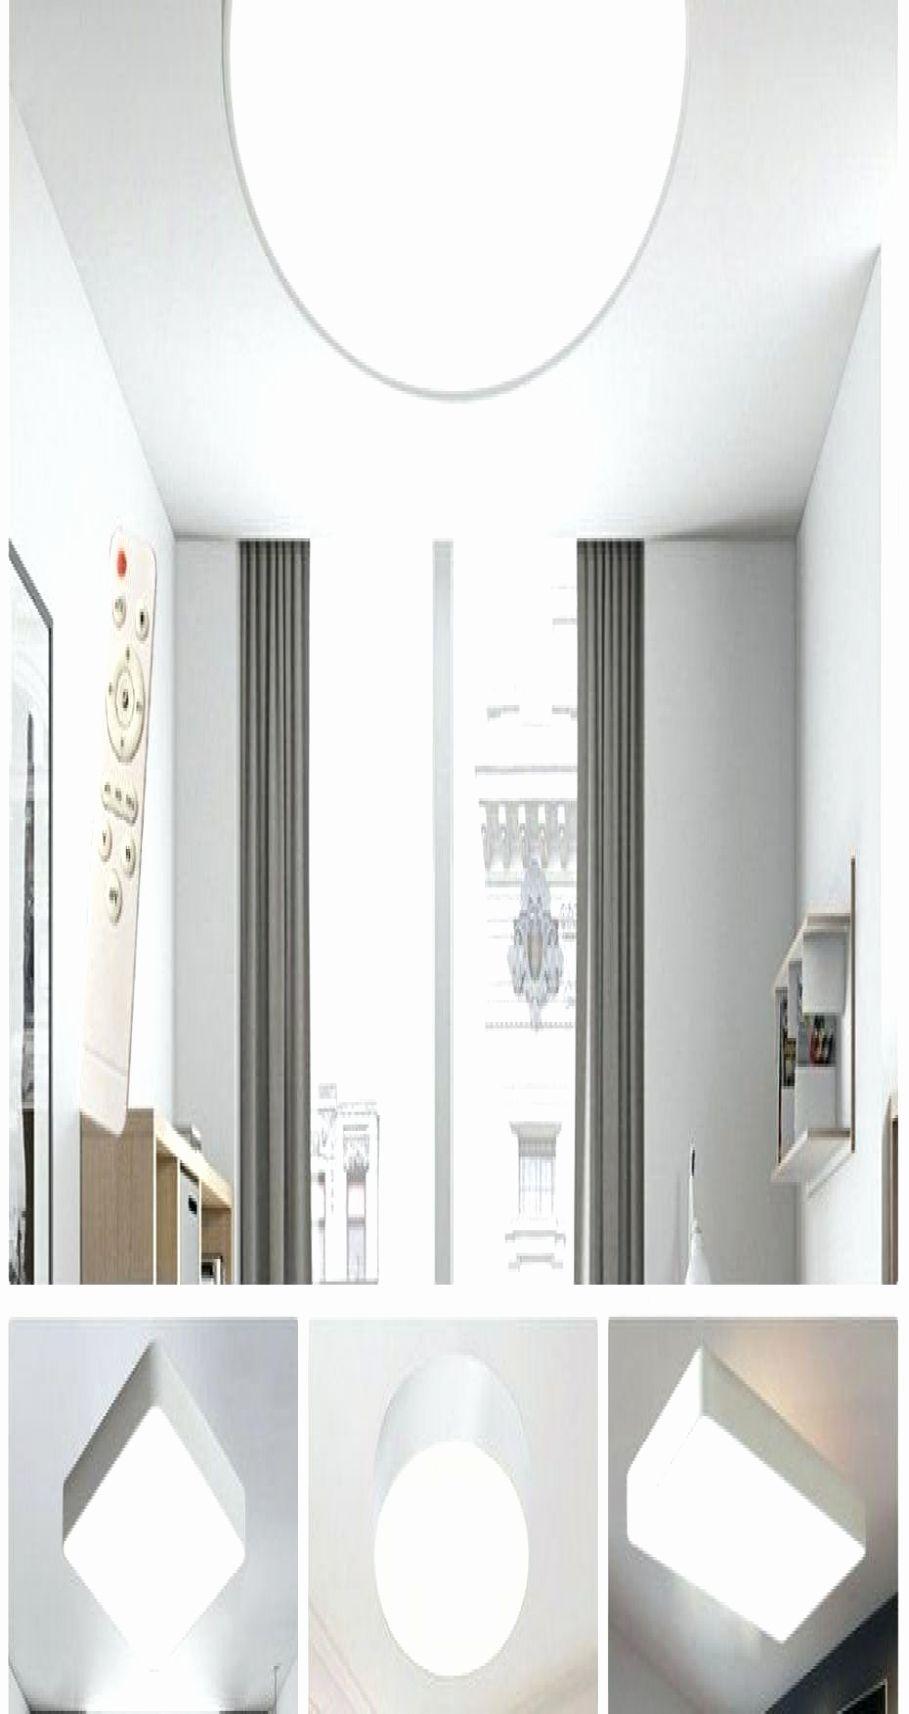 26 Ehrfurcht Led Lampen Dimmbar Wohnzimmer Home Decor